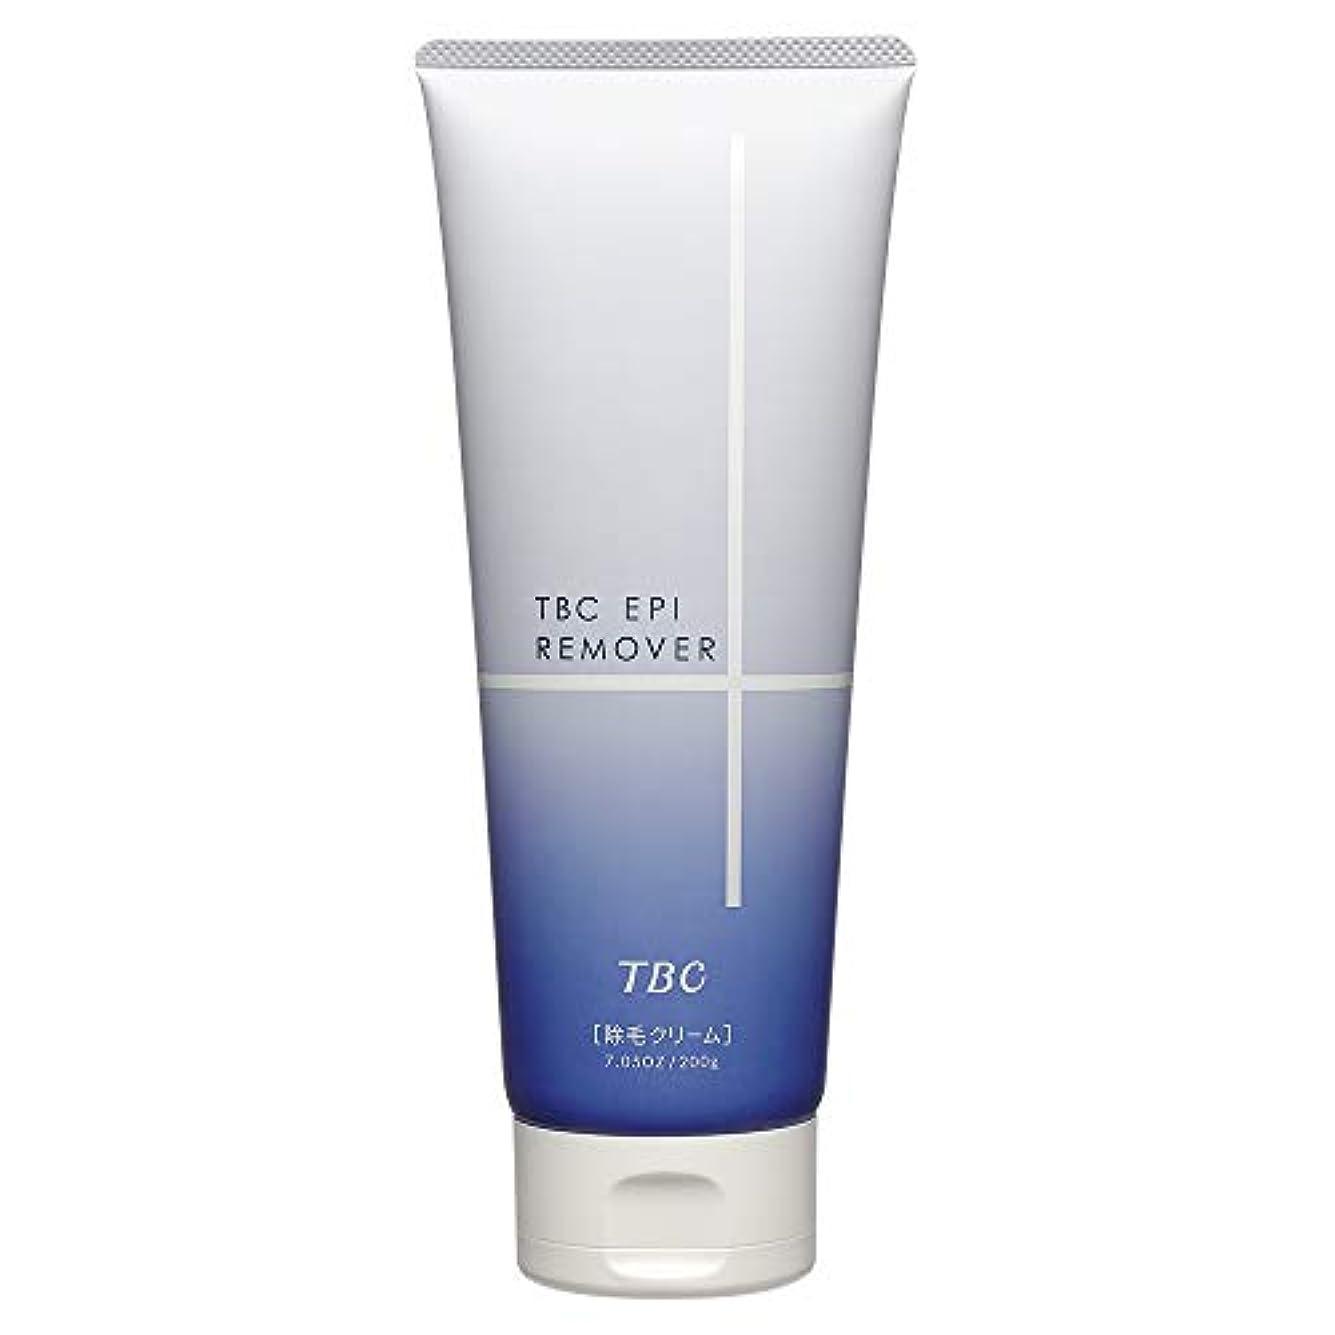 便利さキャッチ先例エステティックTBC TBC エピリムーバー クリーム フローラルの香り 200g